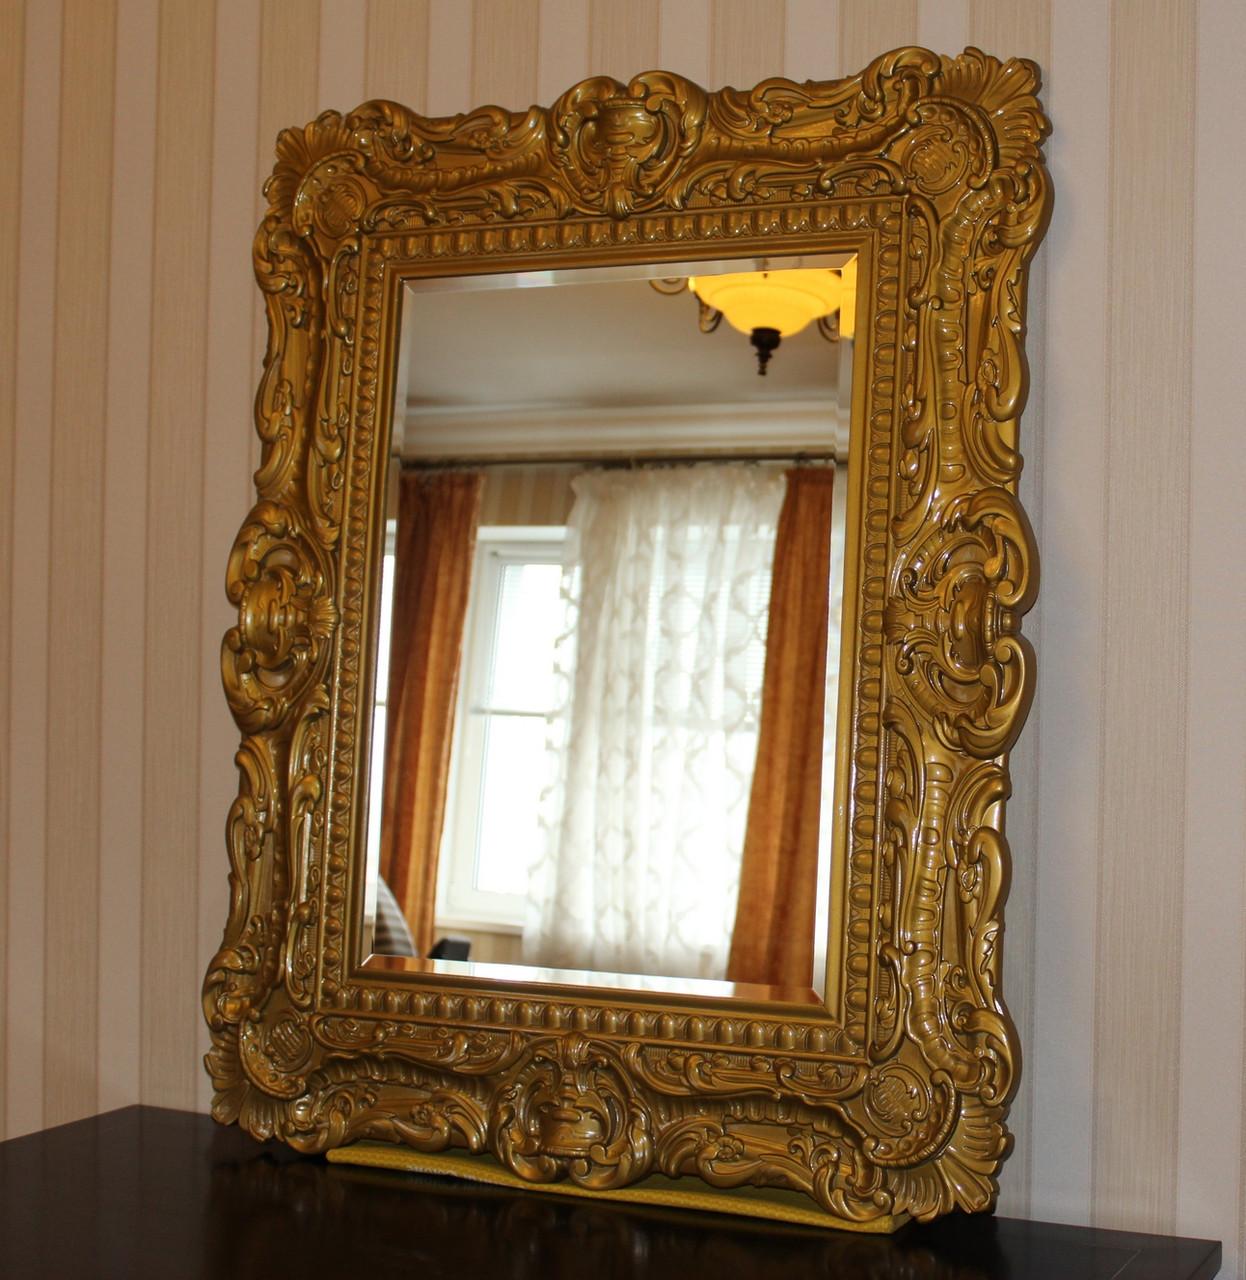 Код М-005.2. Зеркало в деревянной резной раме в классическом стиле, фото 1